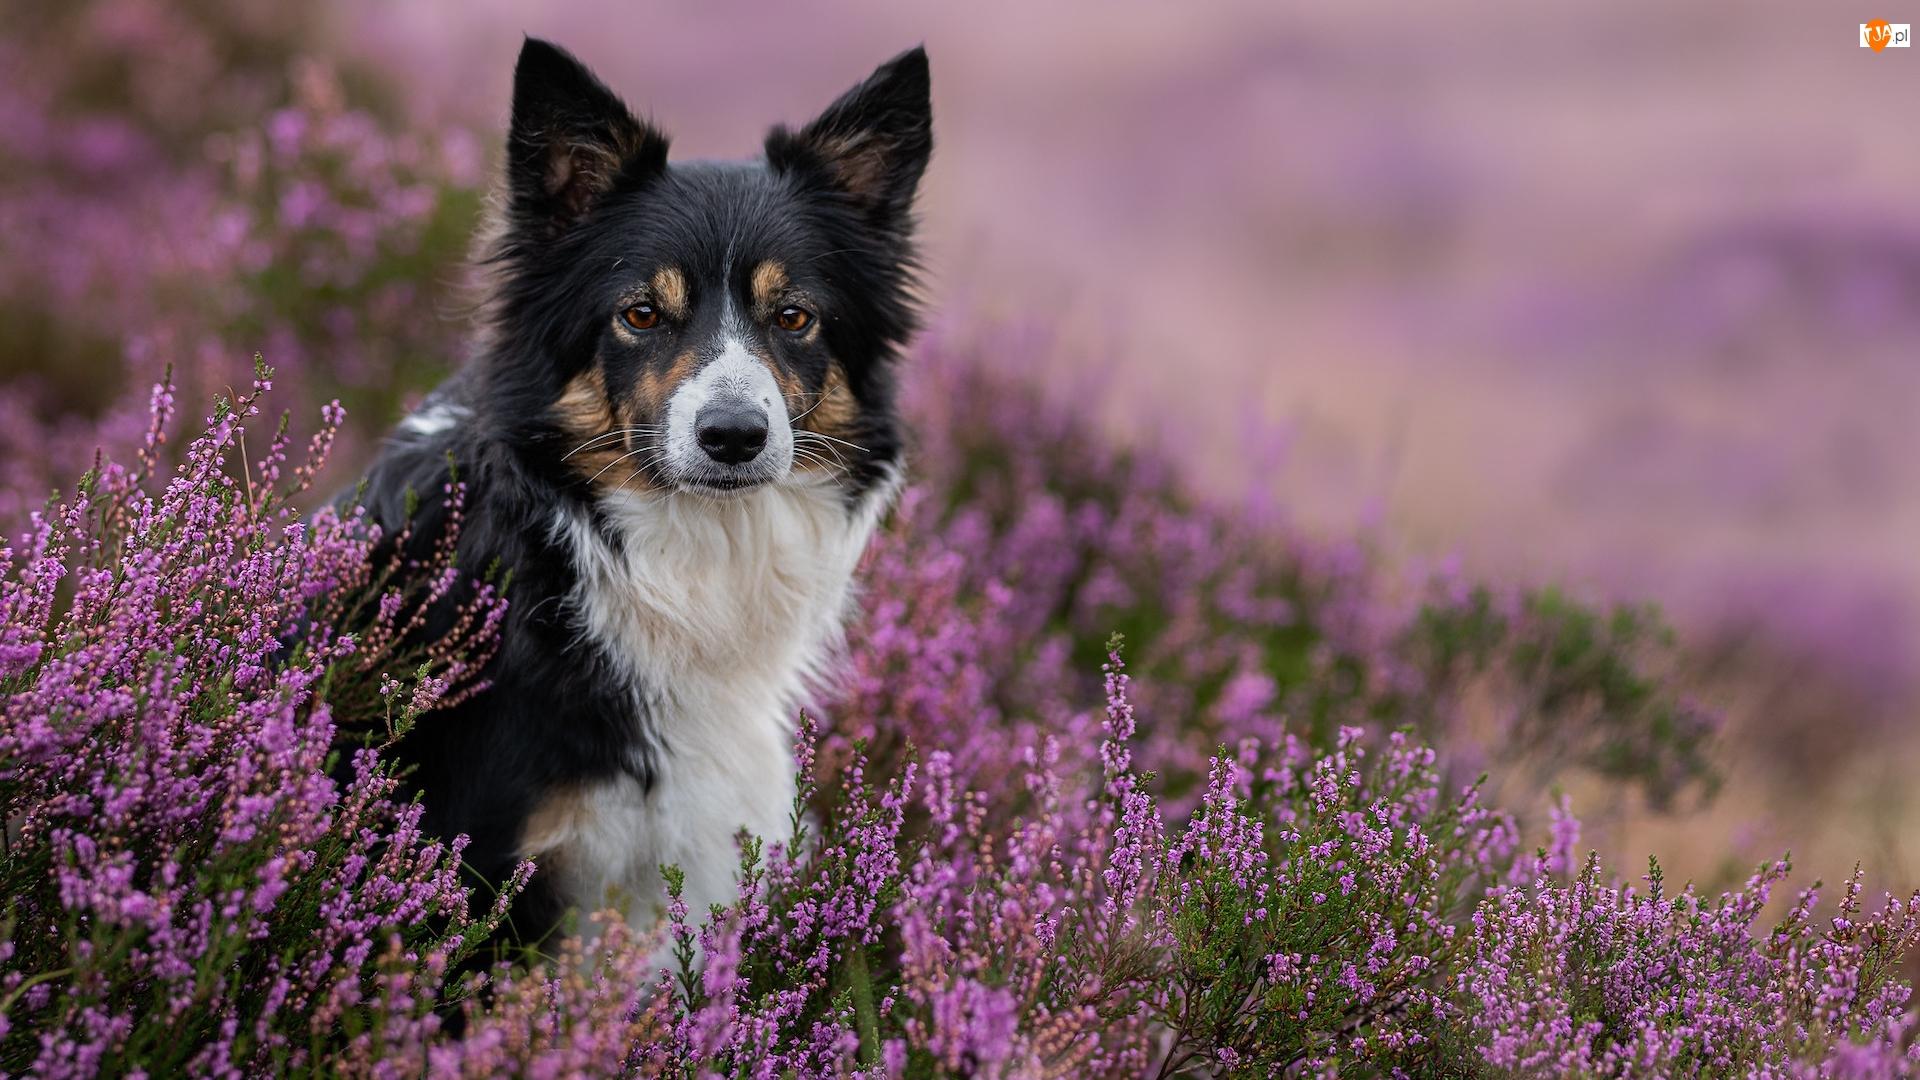 Kwiaty, Wrzosy, Border collie, Pies, Fioletowe